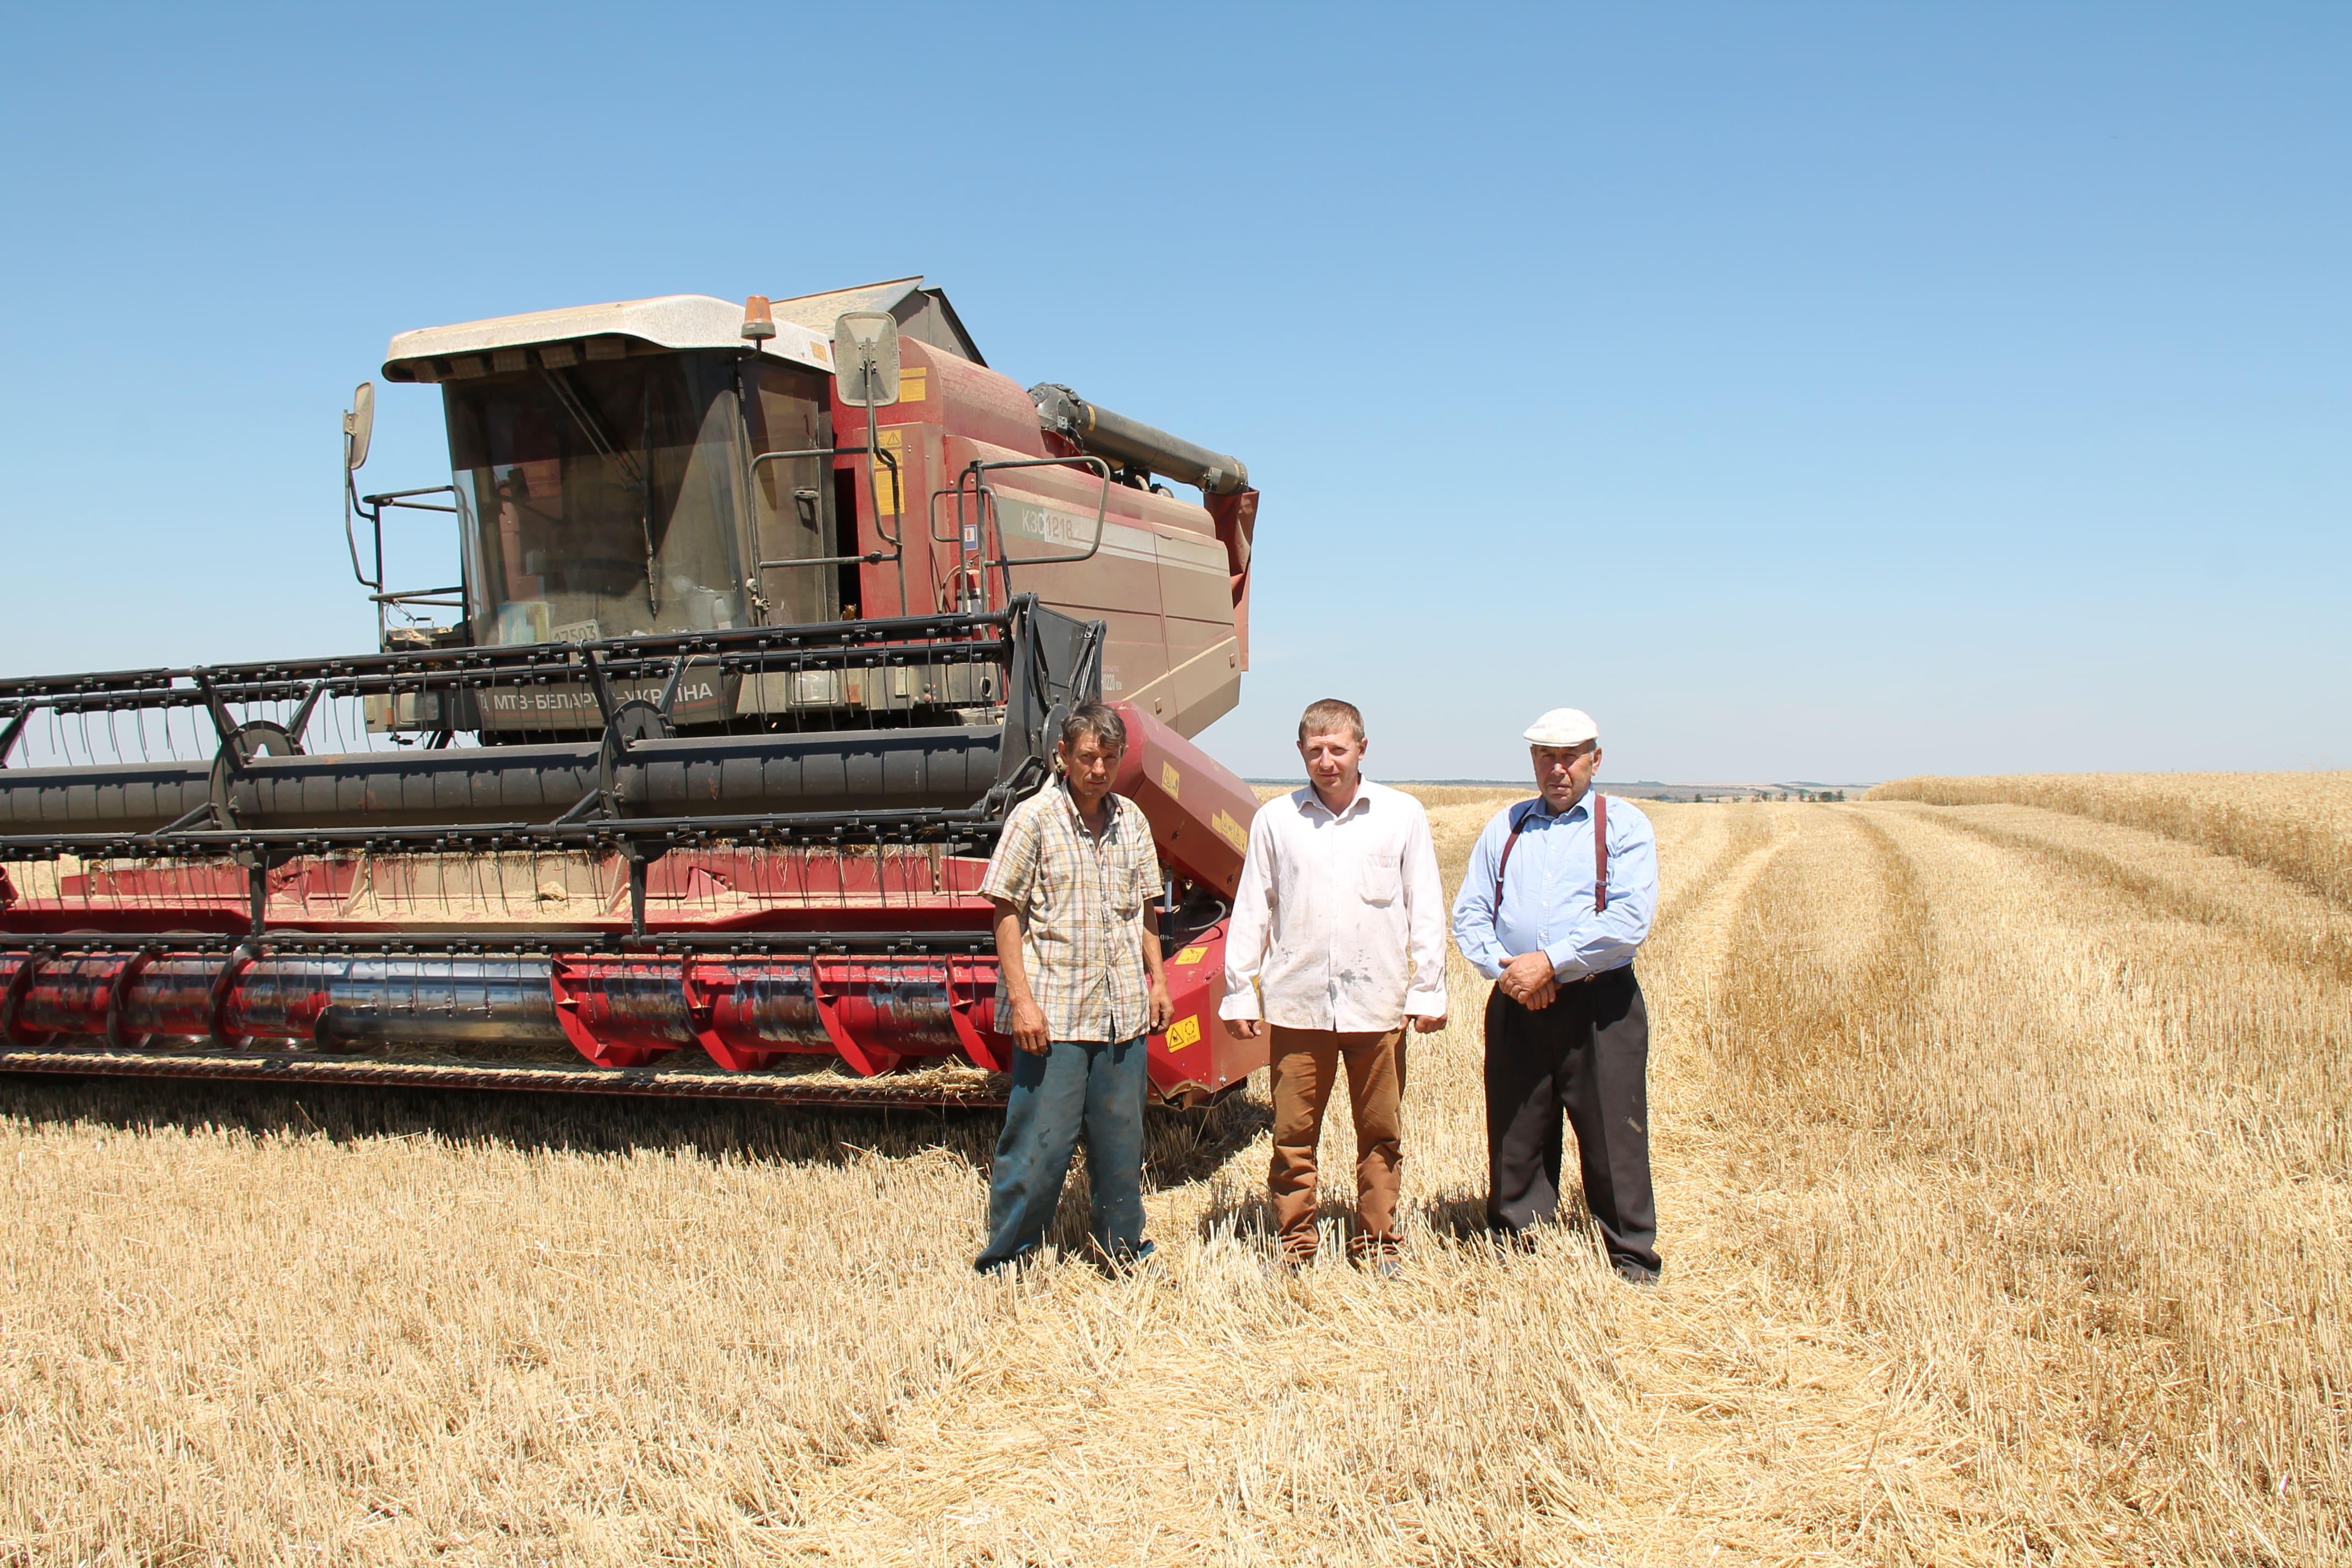 Підприємства Нікольського району почали збирання ранніх зернових та зернобобових культур